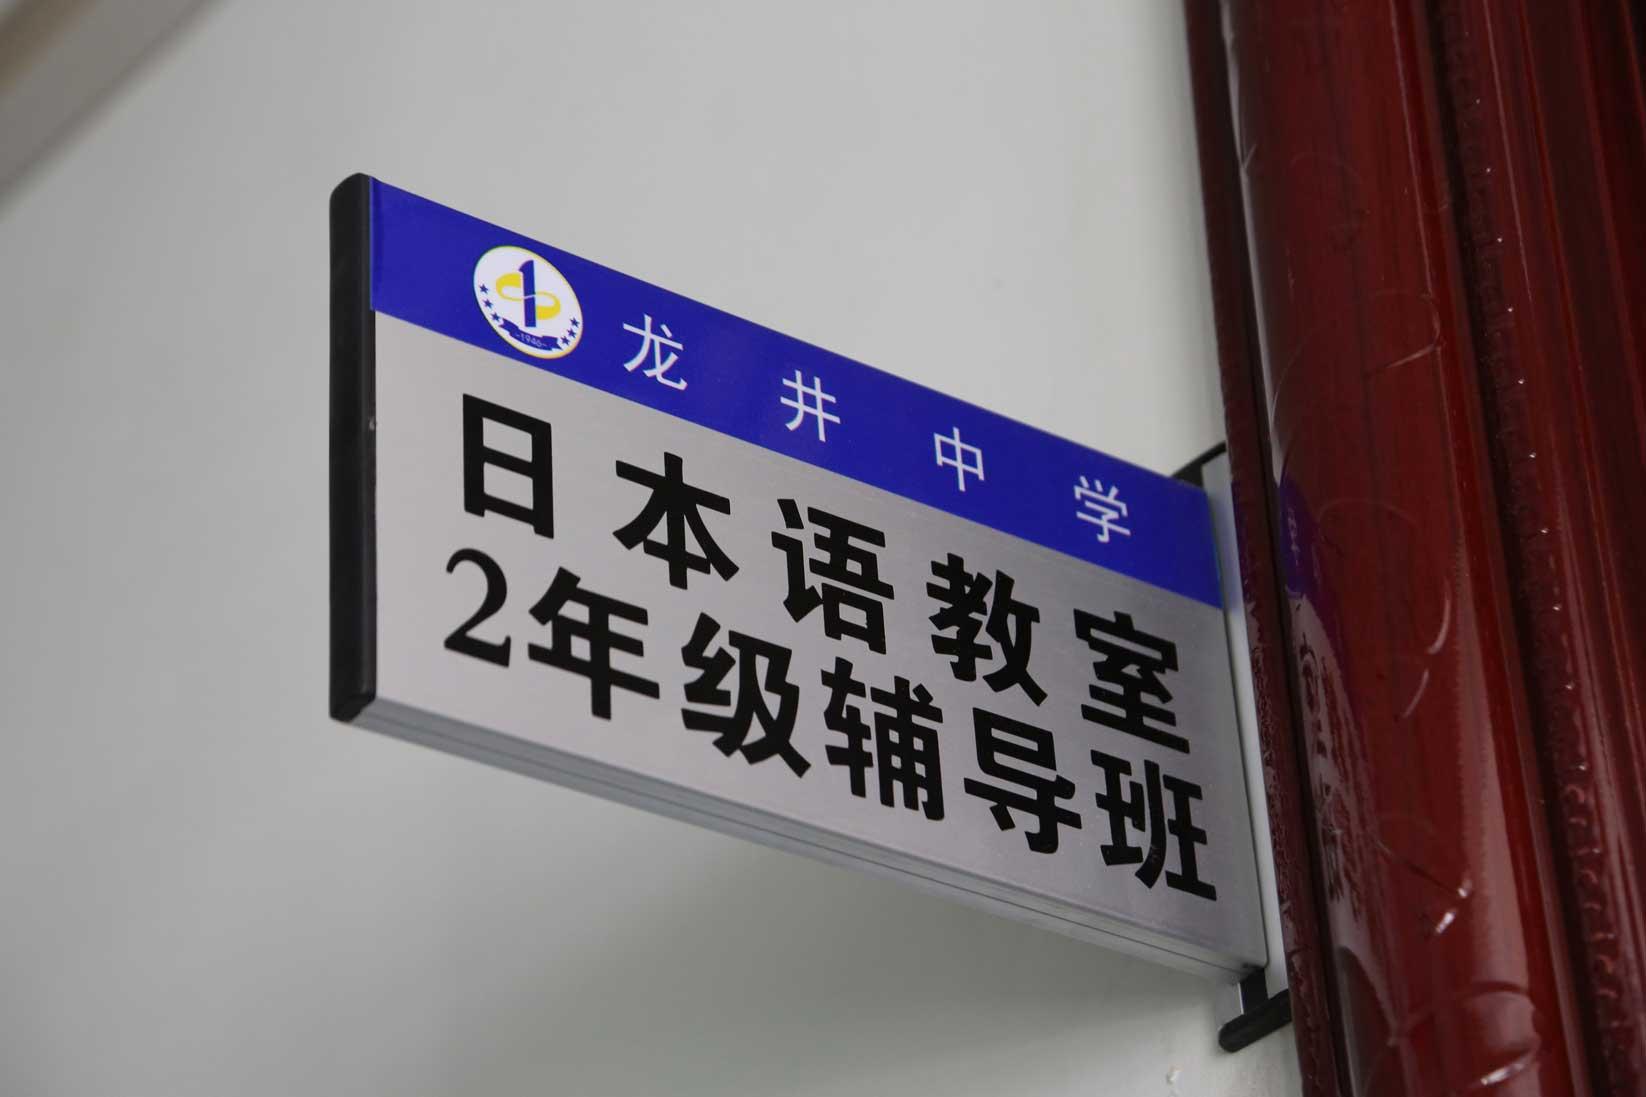 朝鮮からの移民が開墾した龍井のいま(吉林省延辺朝鮮族自治州)_b0235153_11191047.jpg